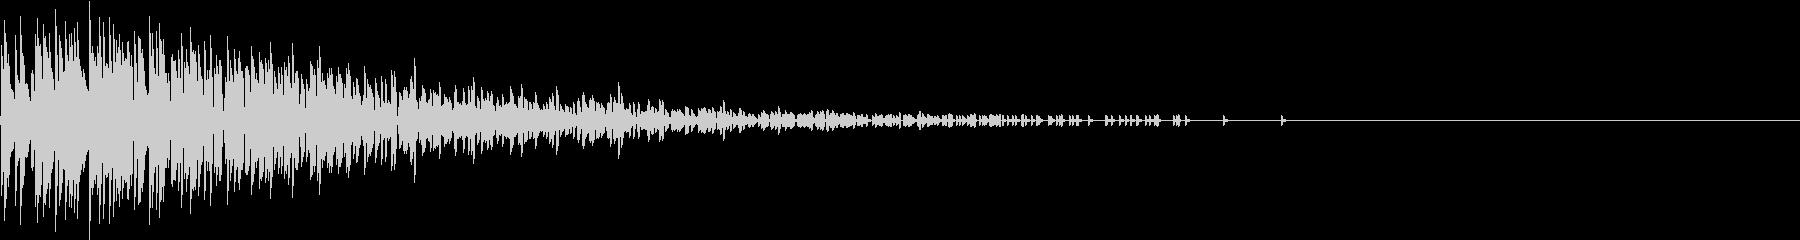 Noise デジタルノイズ レトロ 撃墜の未再生の波形